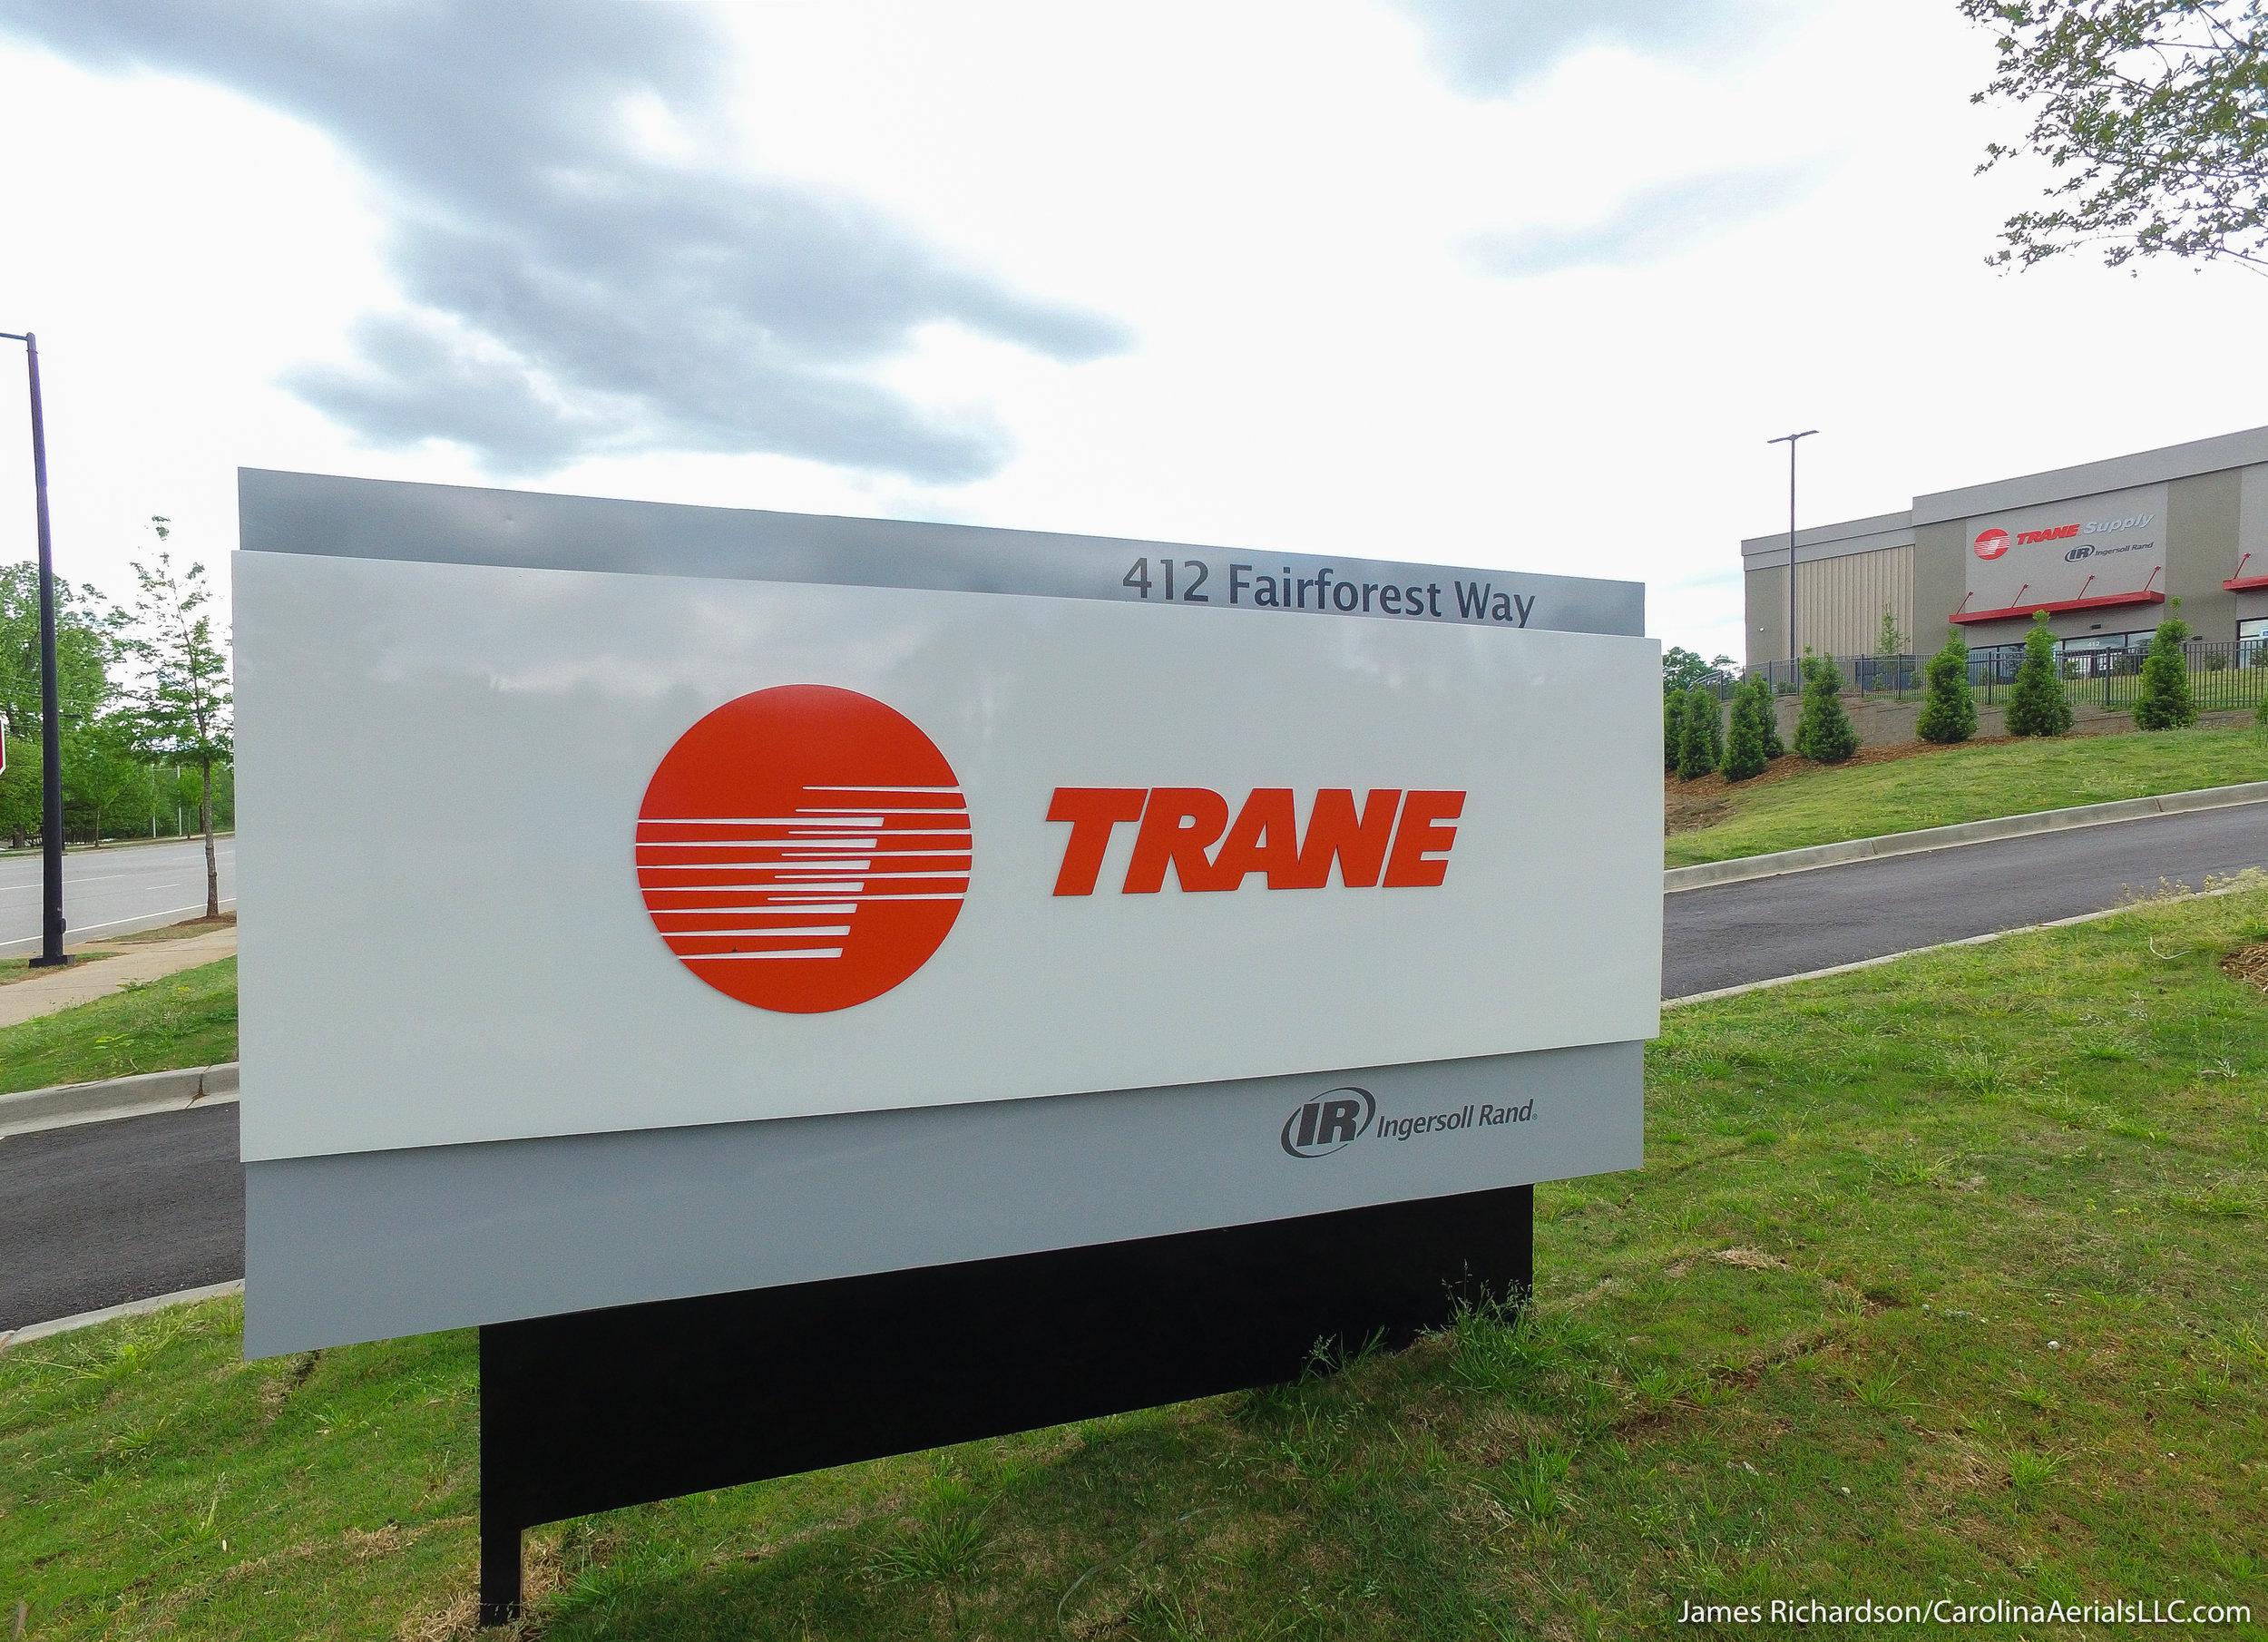 trane-12.jpg